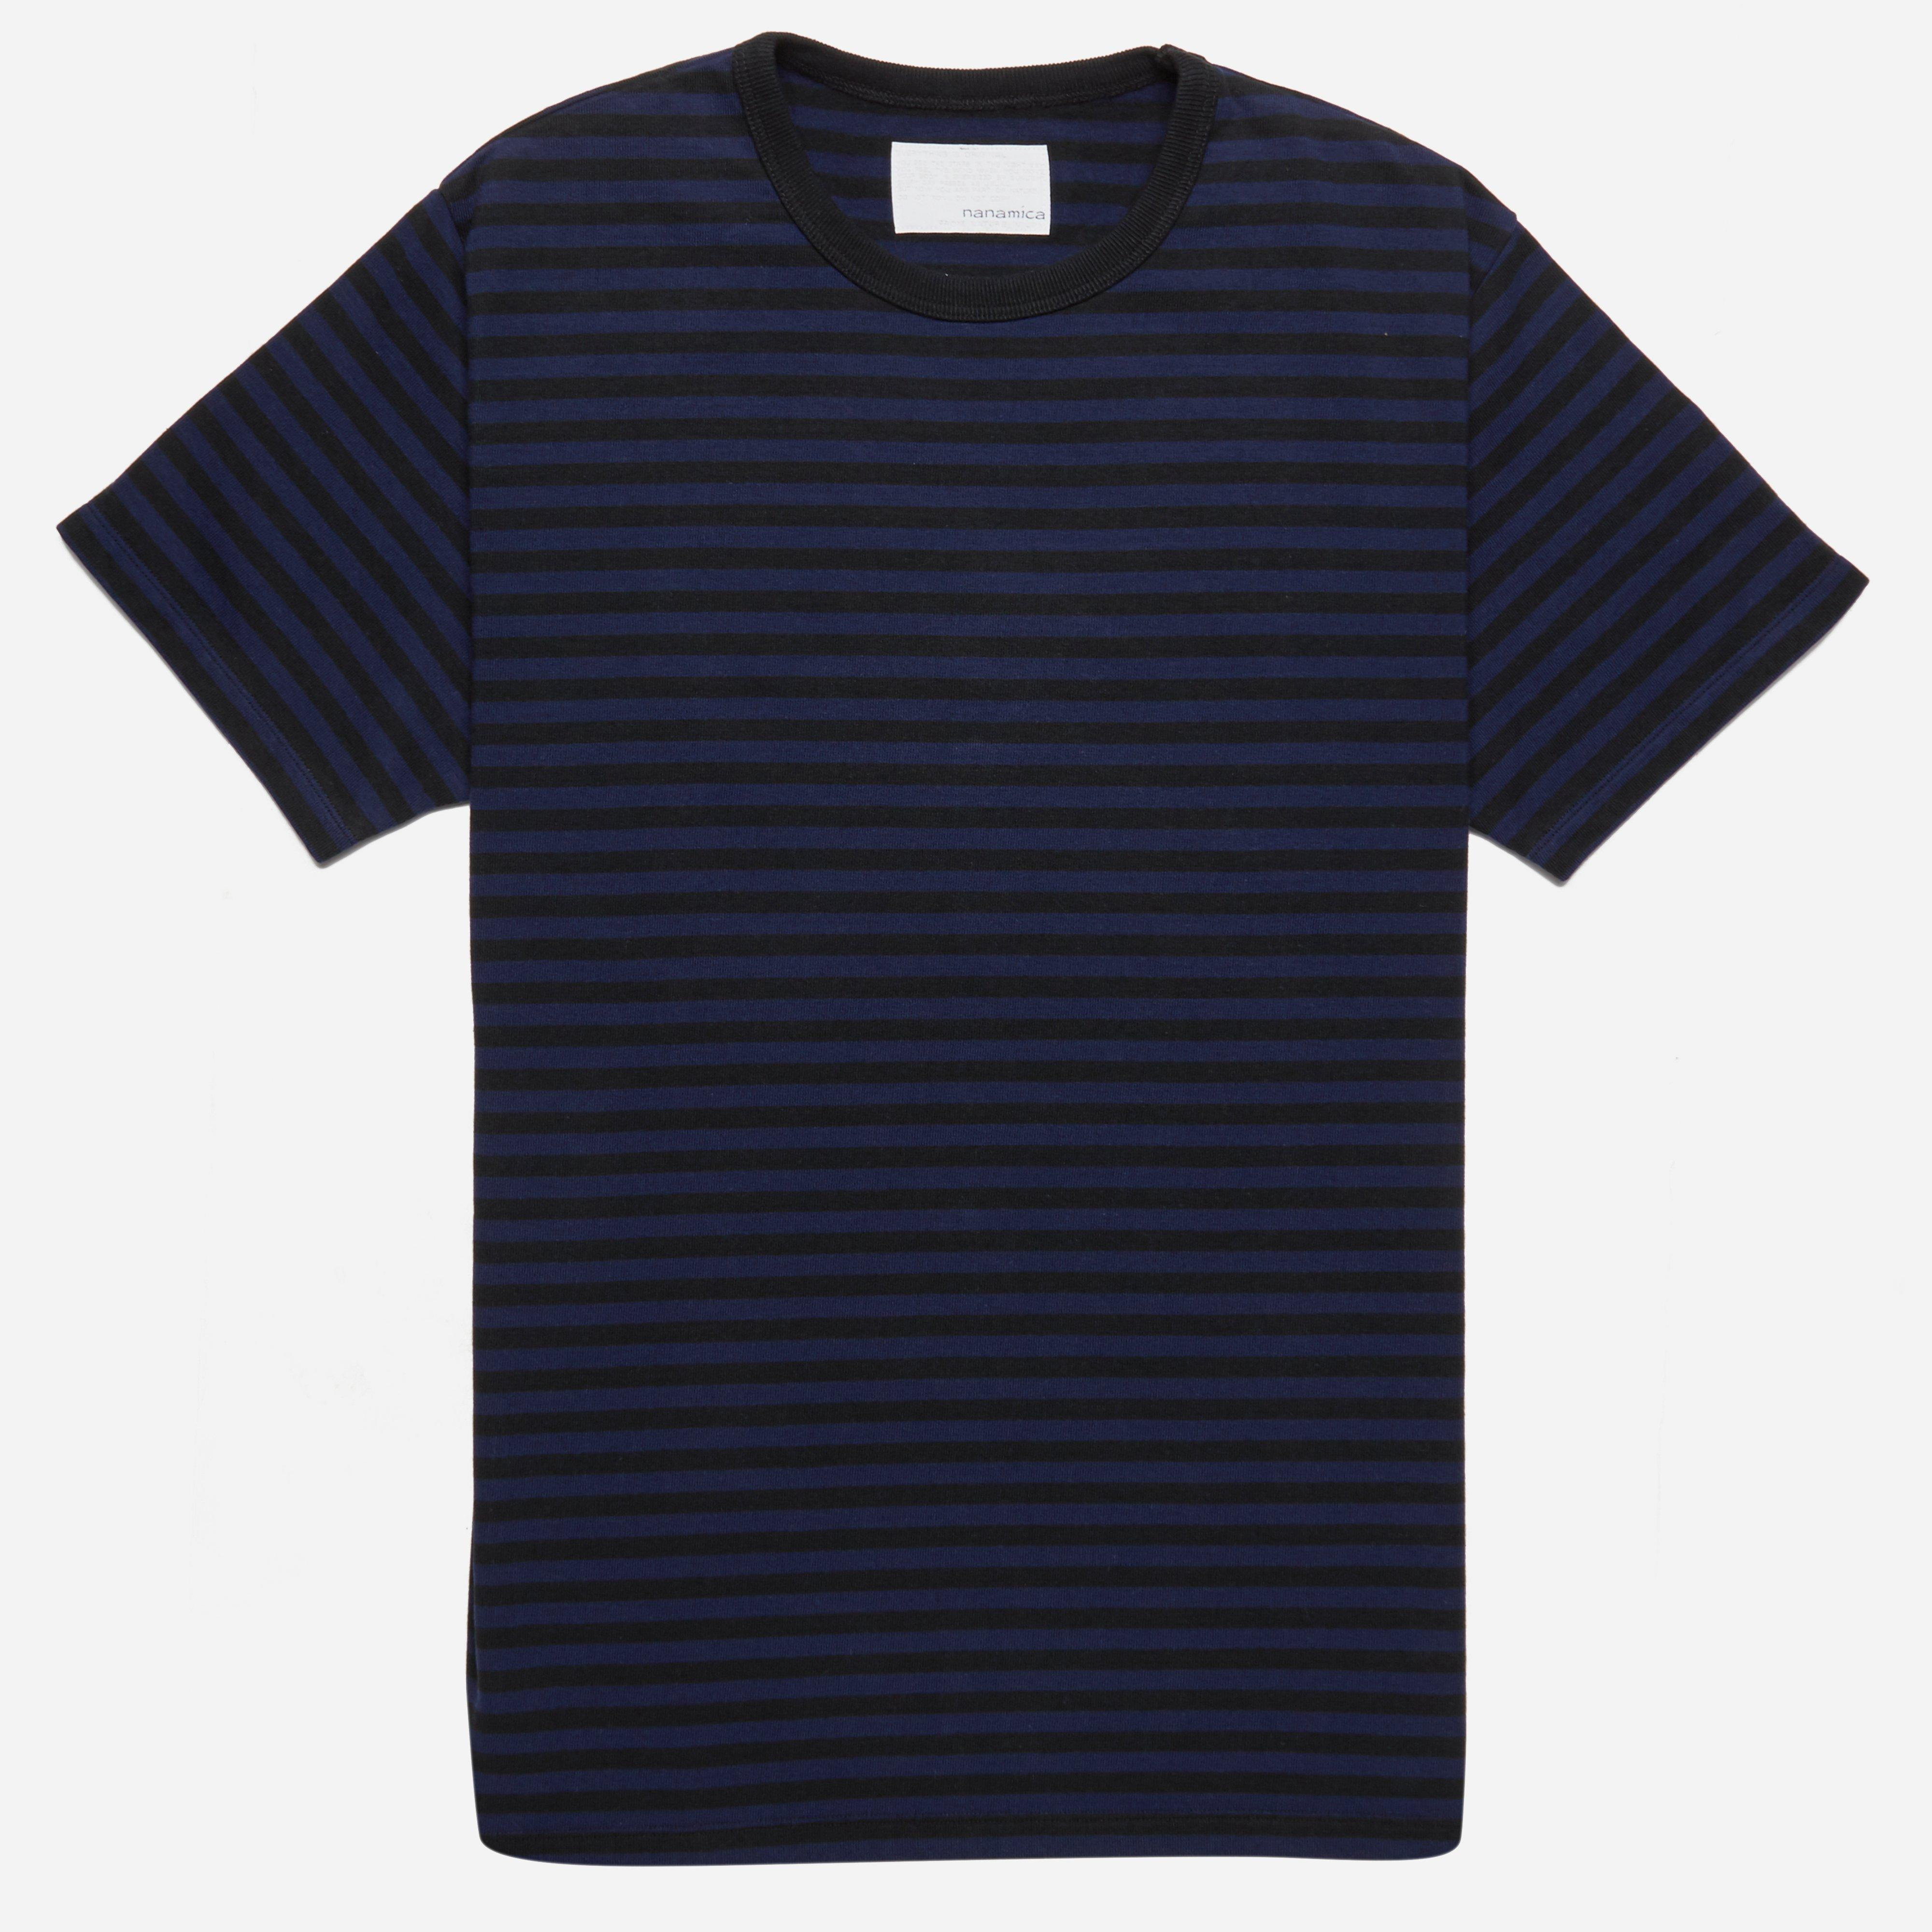 Nanamica Coolmax Stripe Jersey T-shirt